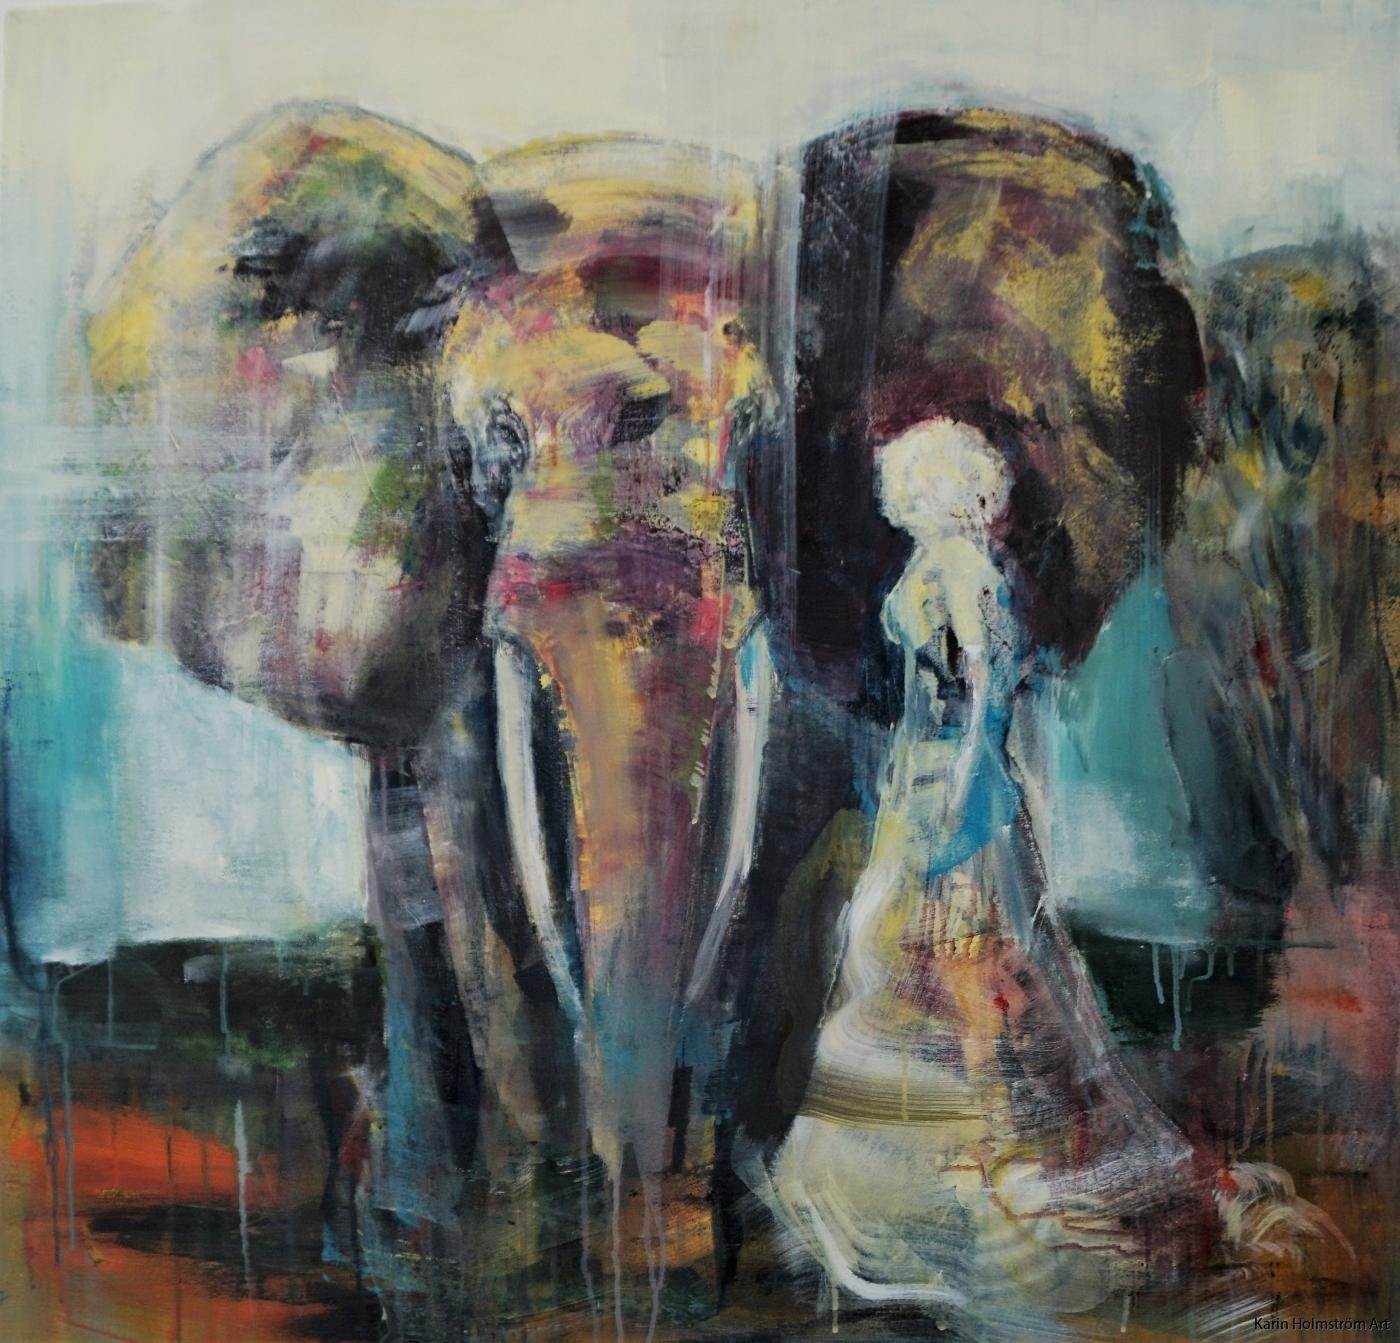 Walking with elephant bildyta ca 30x30cm upplaga 30